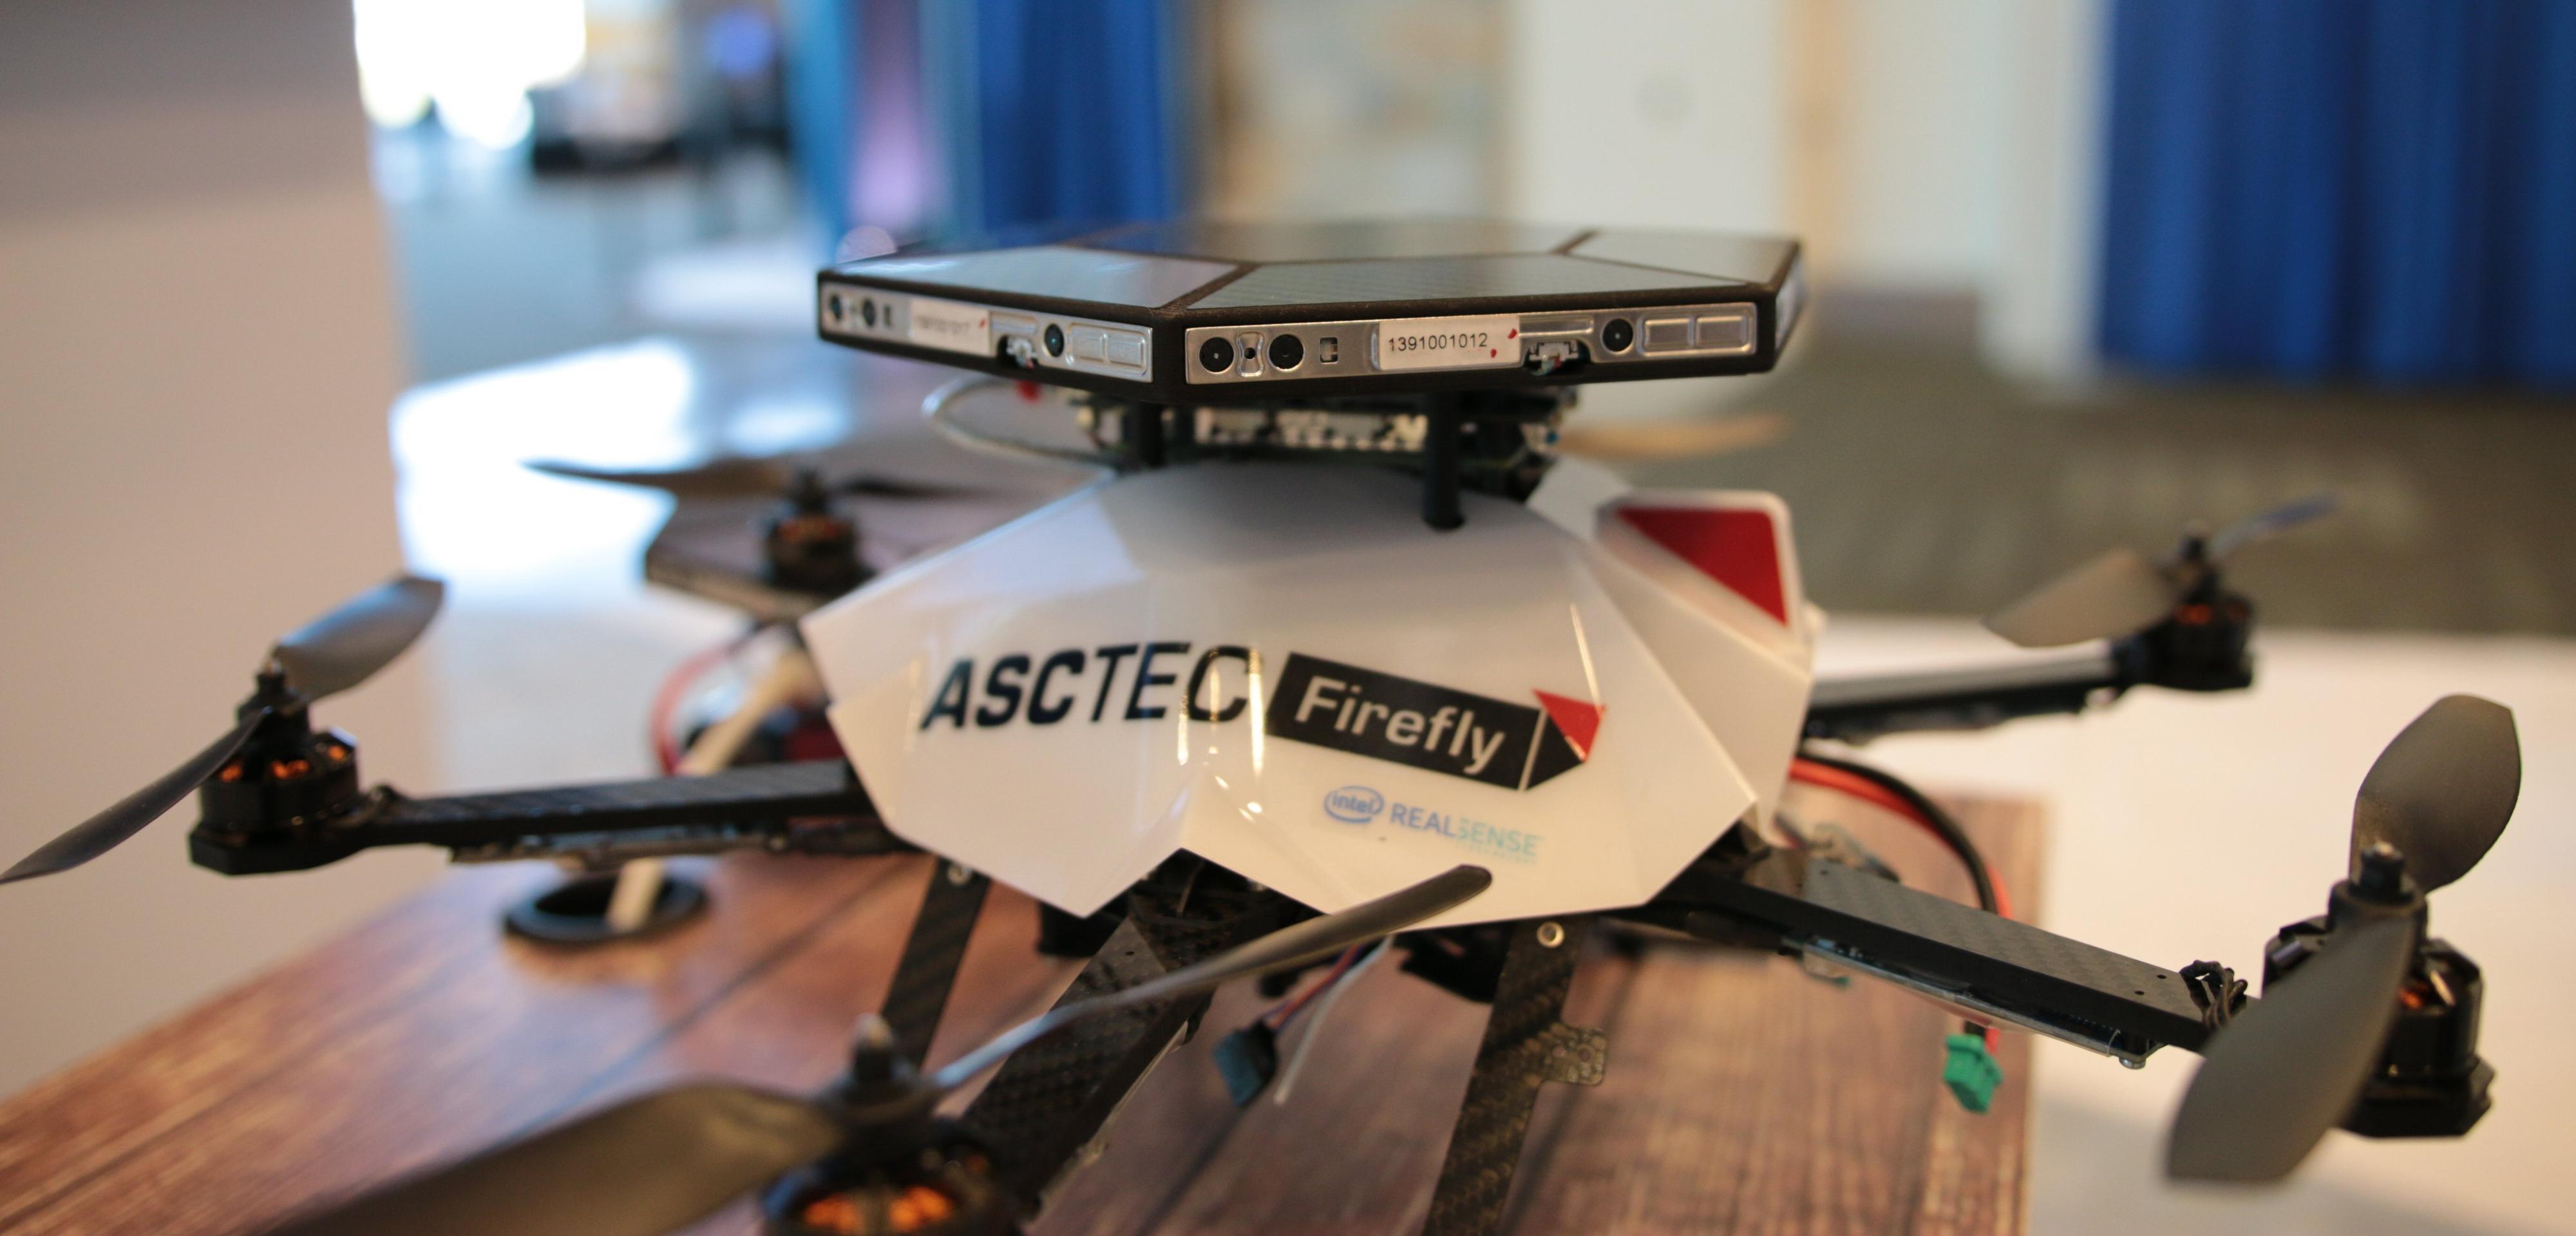 AscTec Firefly har en «krone» bestående av seks RealSense-kameraer. Dette gjør den i stand til å oppdage objekter på kollisjonskurs. Foto: Vegar Jansen, Tek.no